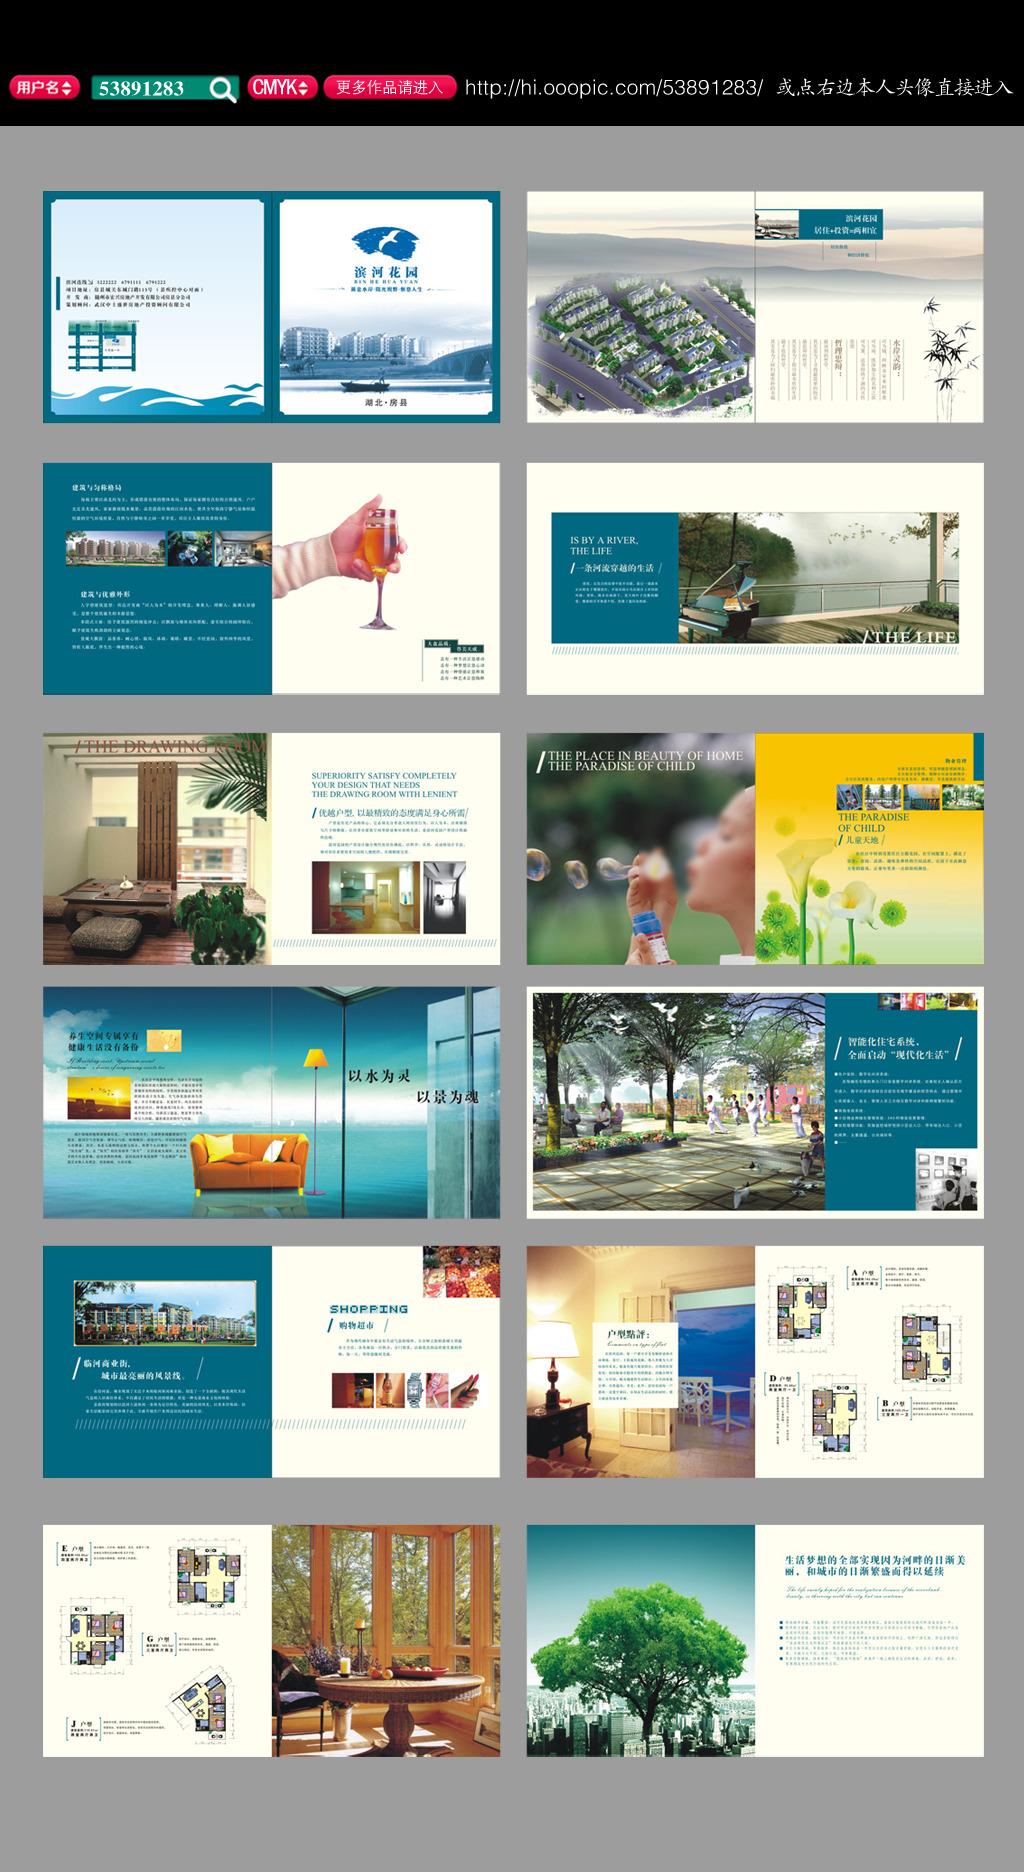 地产项目招商画册宣传设计模板